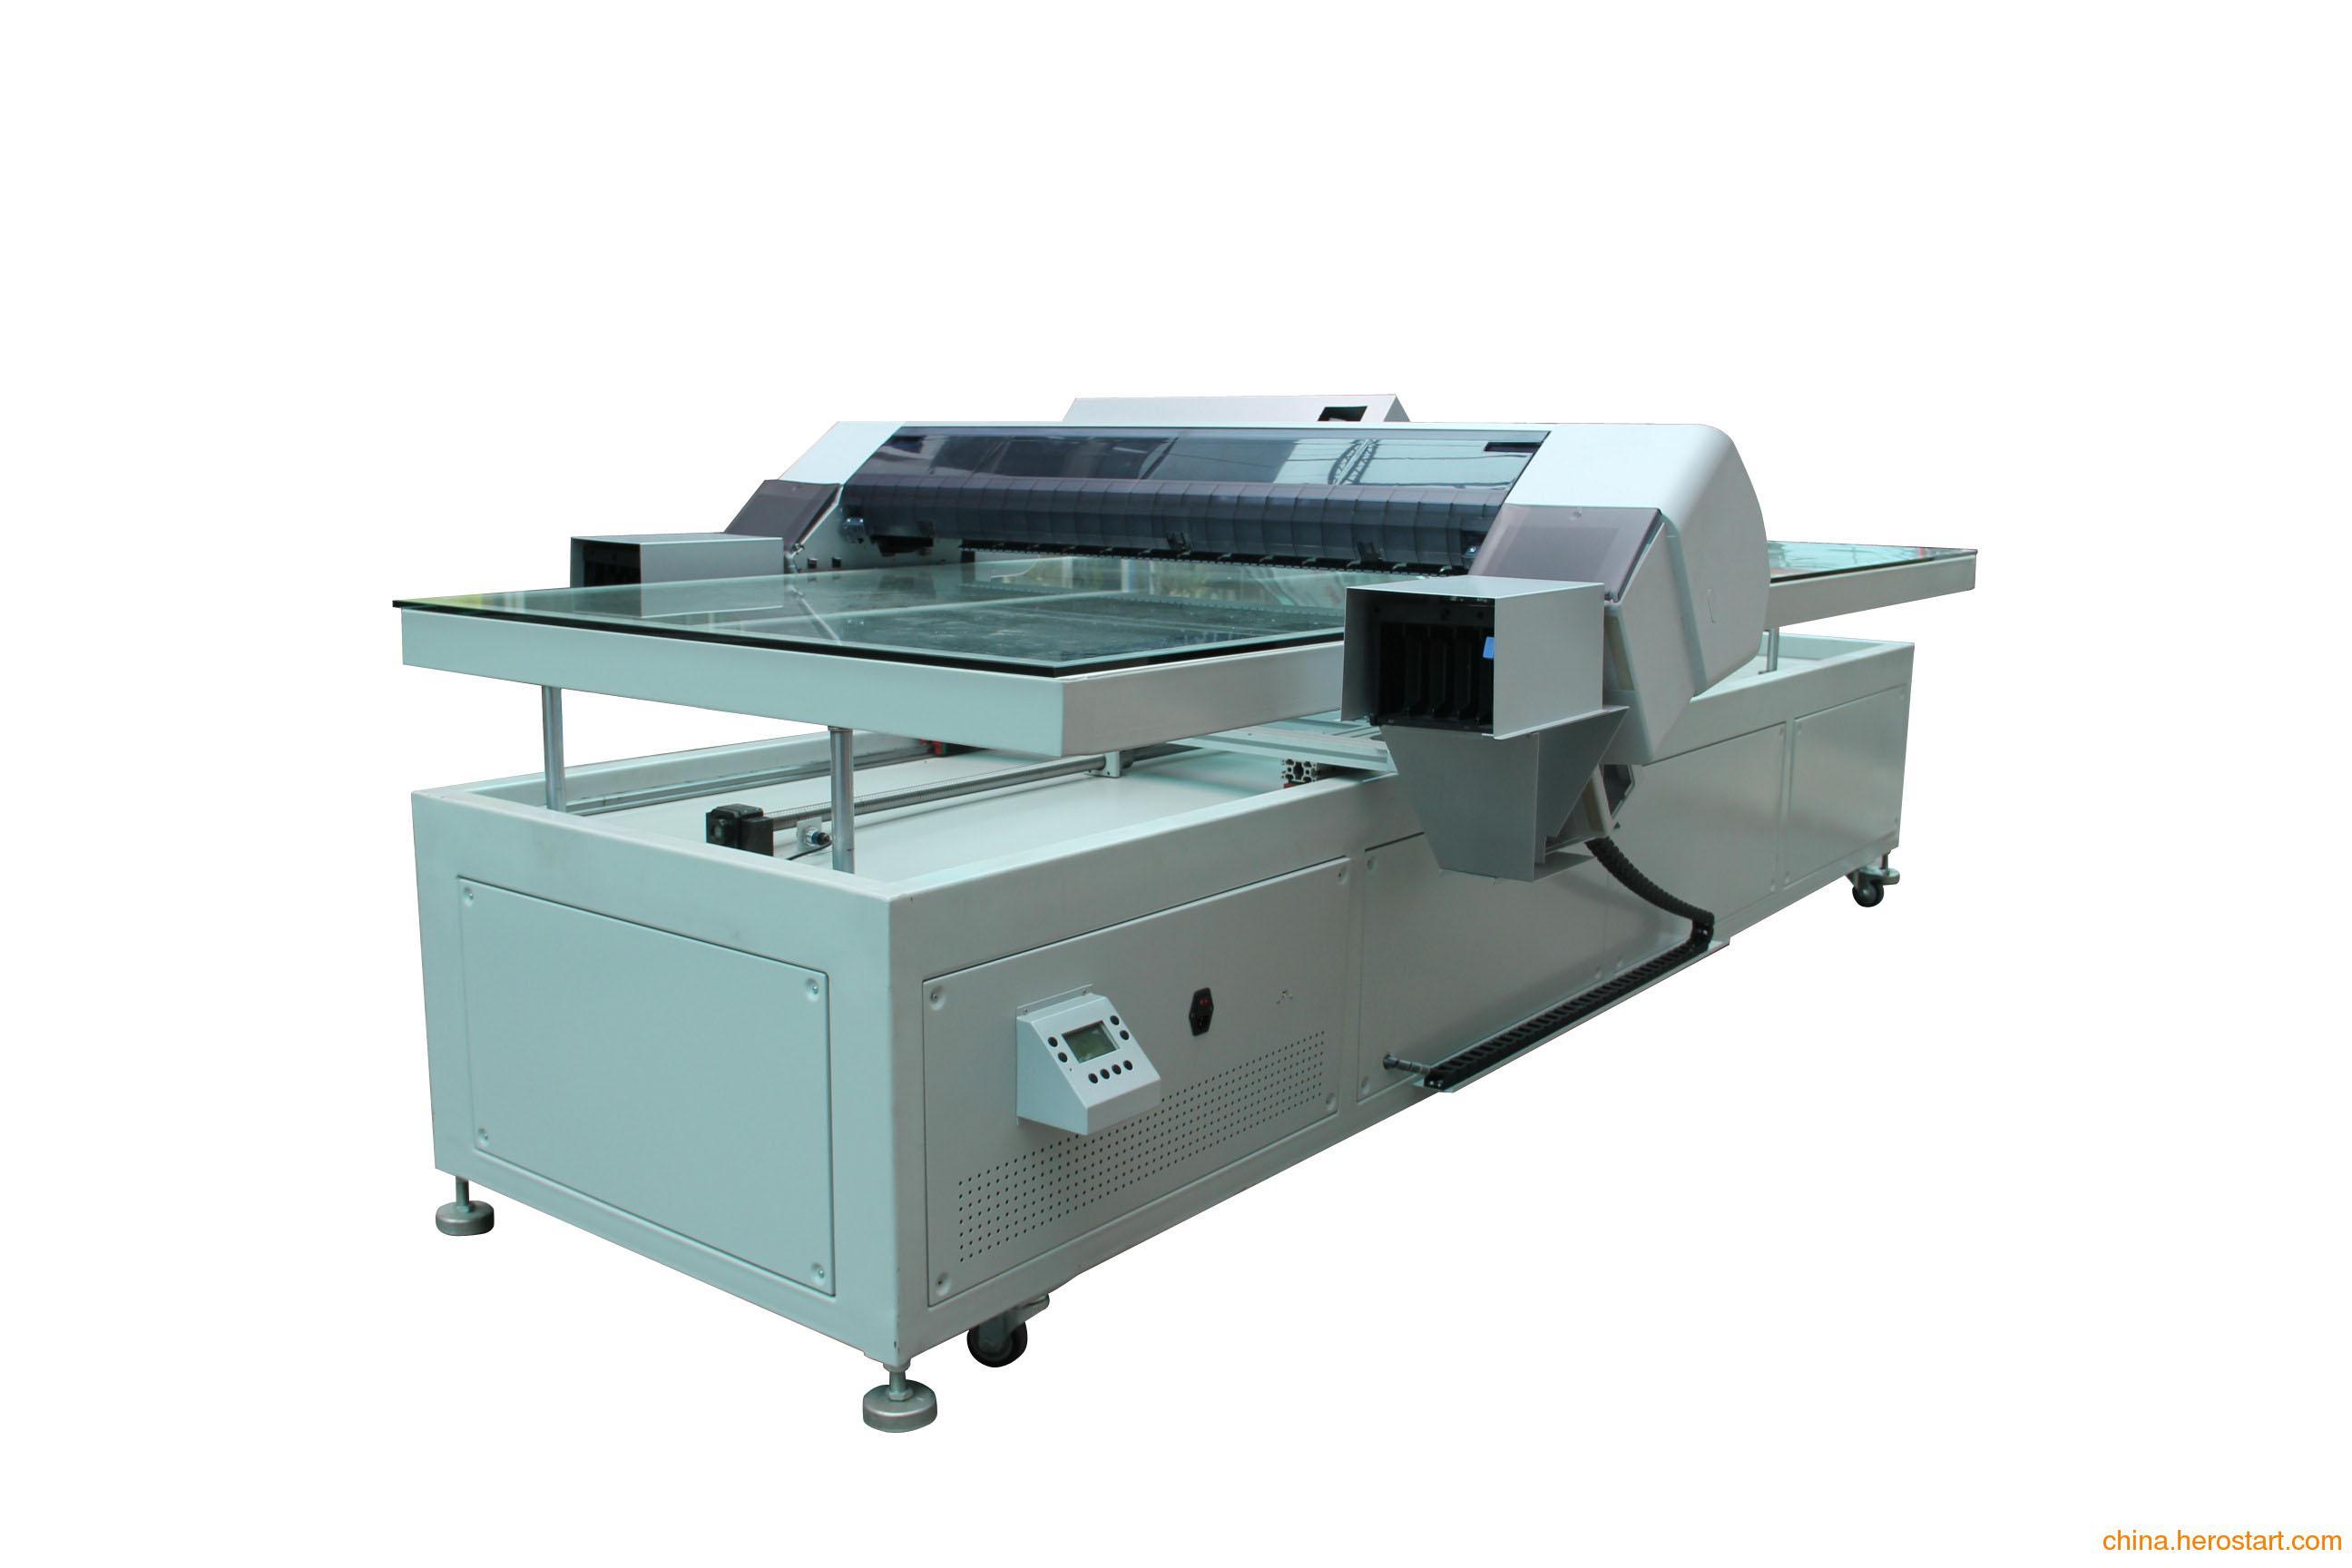 供应PVC镜印刷机,亚克力镜印刷机,PVC镜片印刷机